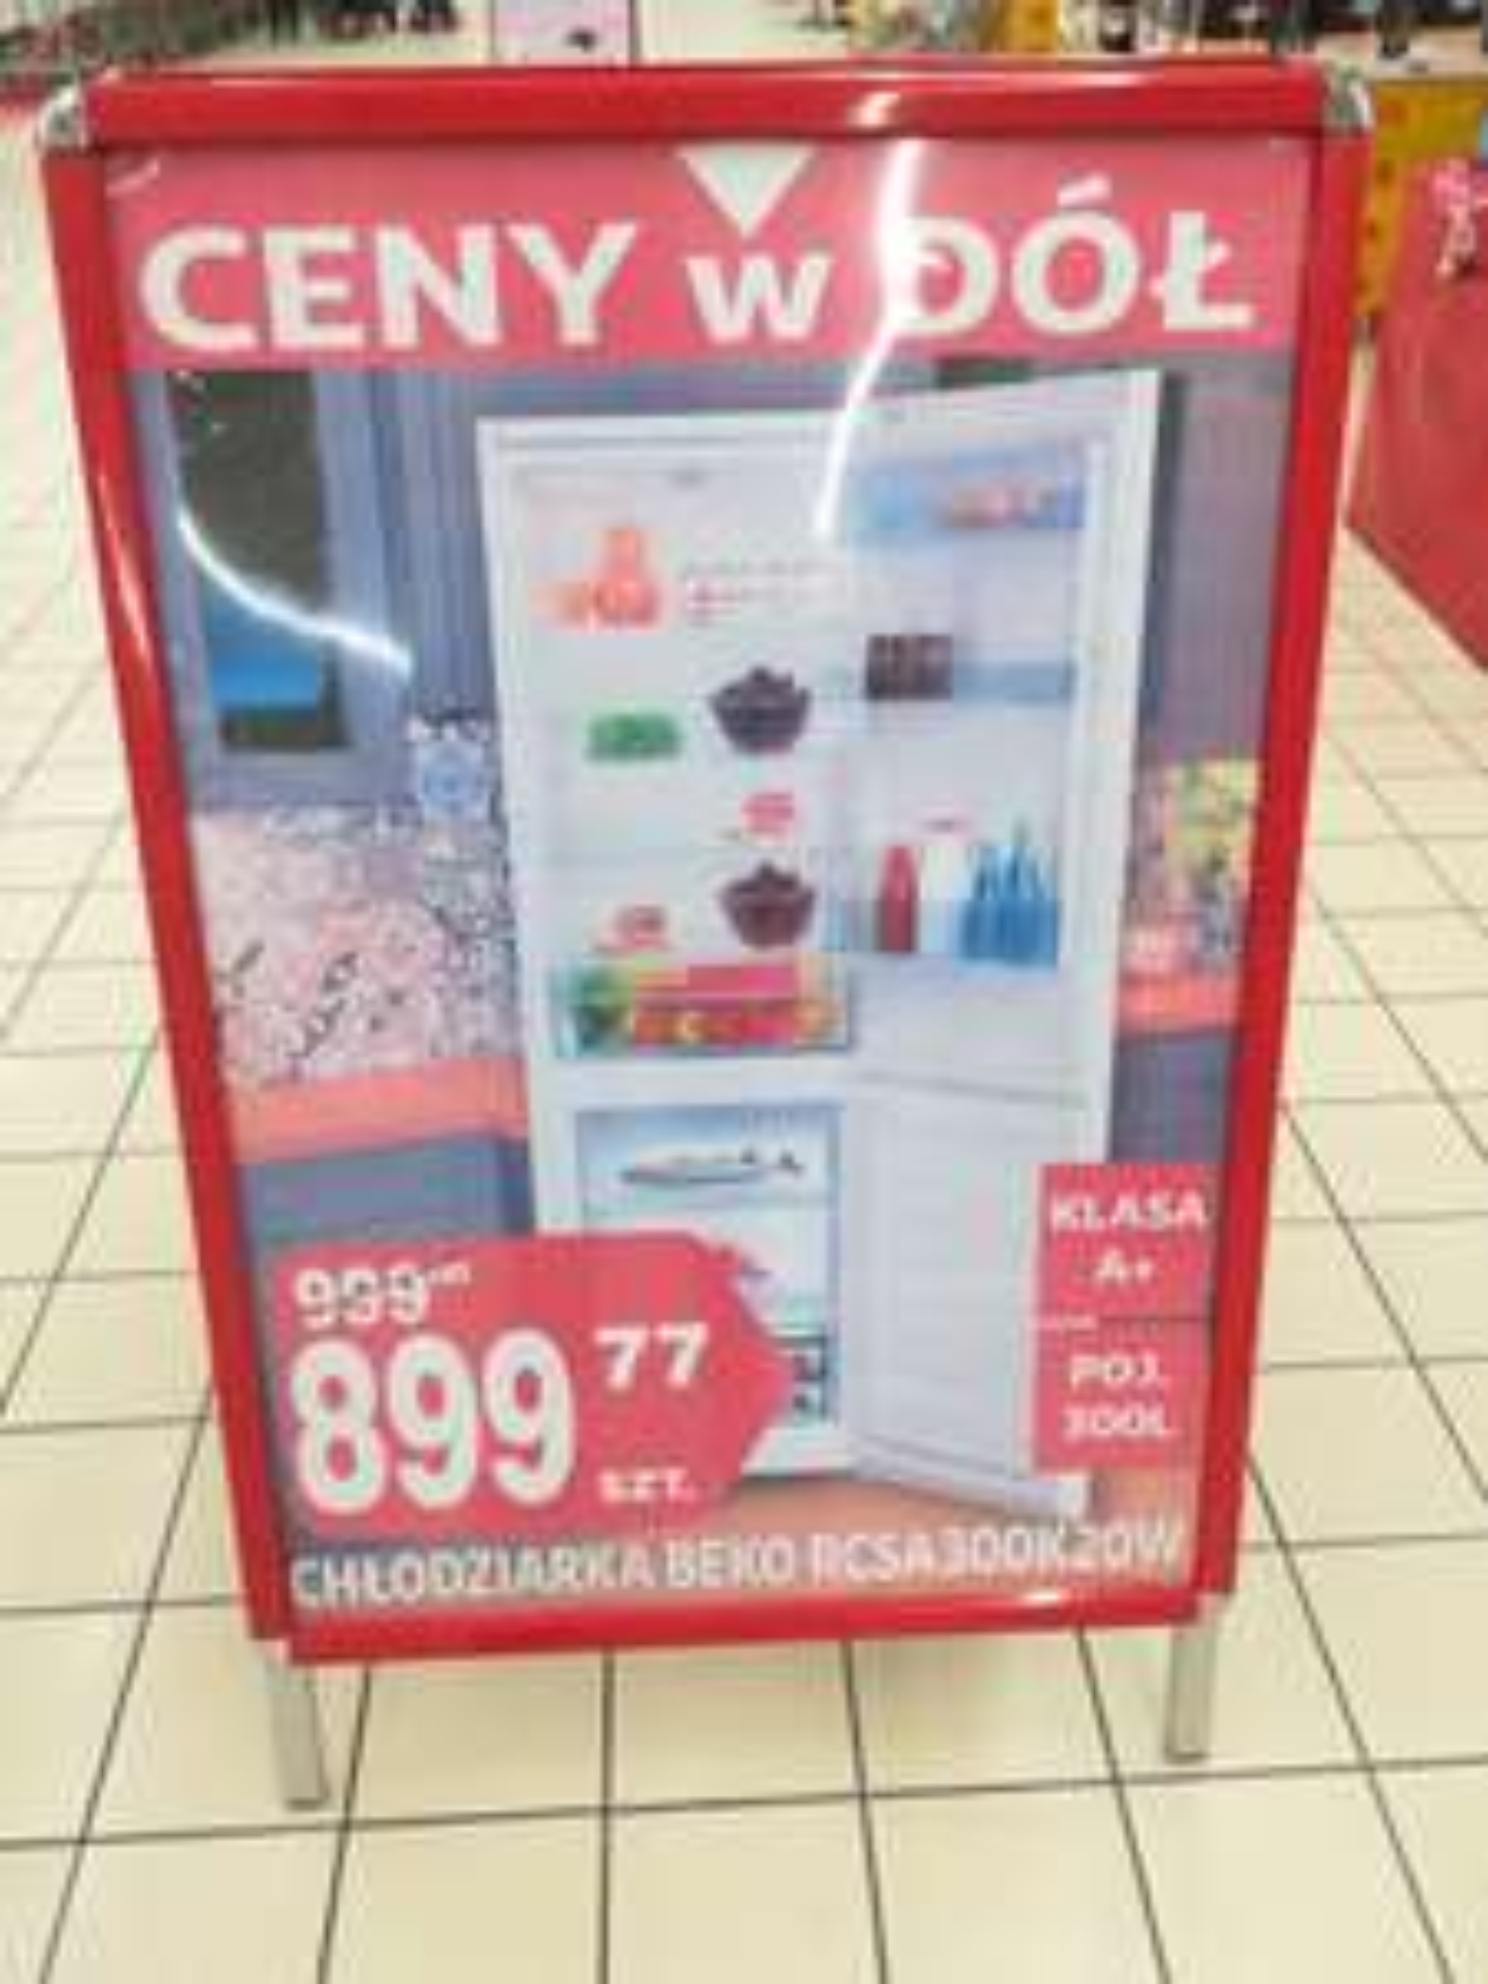 Chłodziarko-zamrażarka Beko RCSA300K20W w Auchan Bonarka